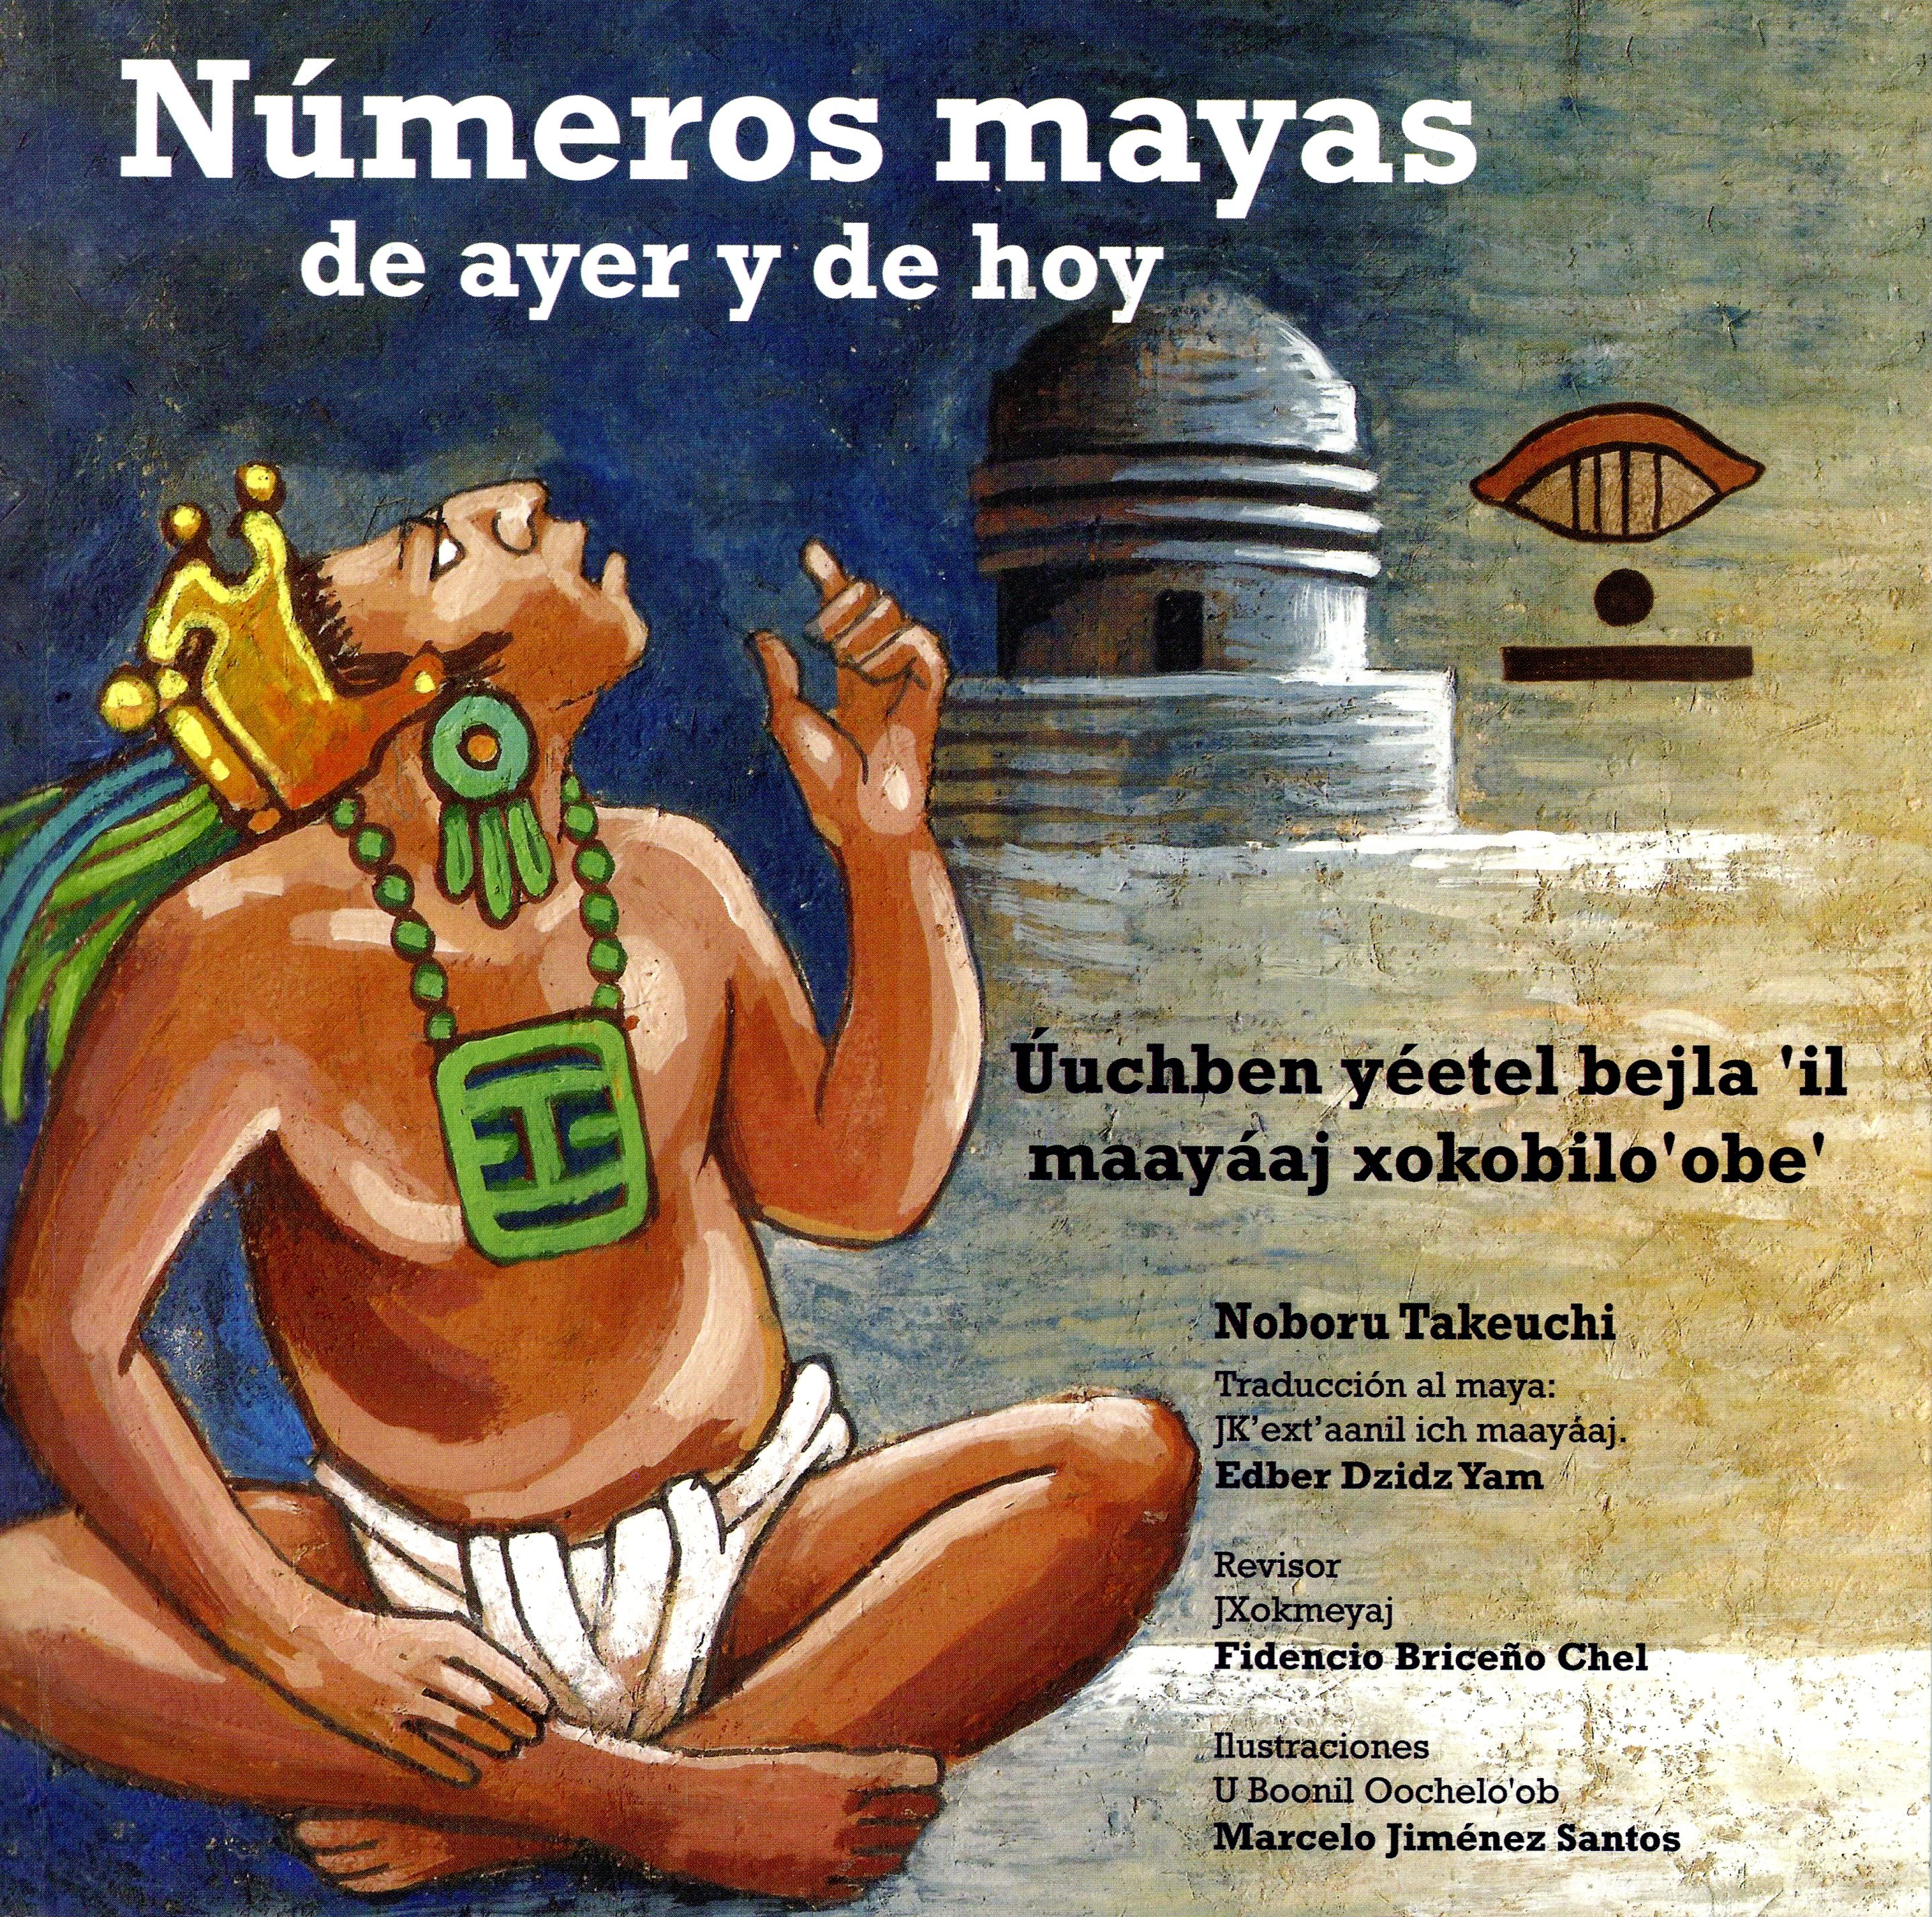 Números mayas de ayer y de hoy Úuchben yéetel bejla il maayáaj xokobiloobe